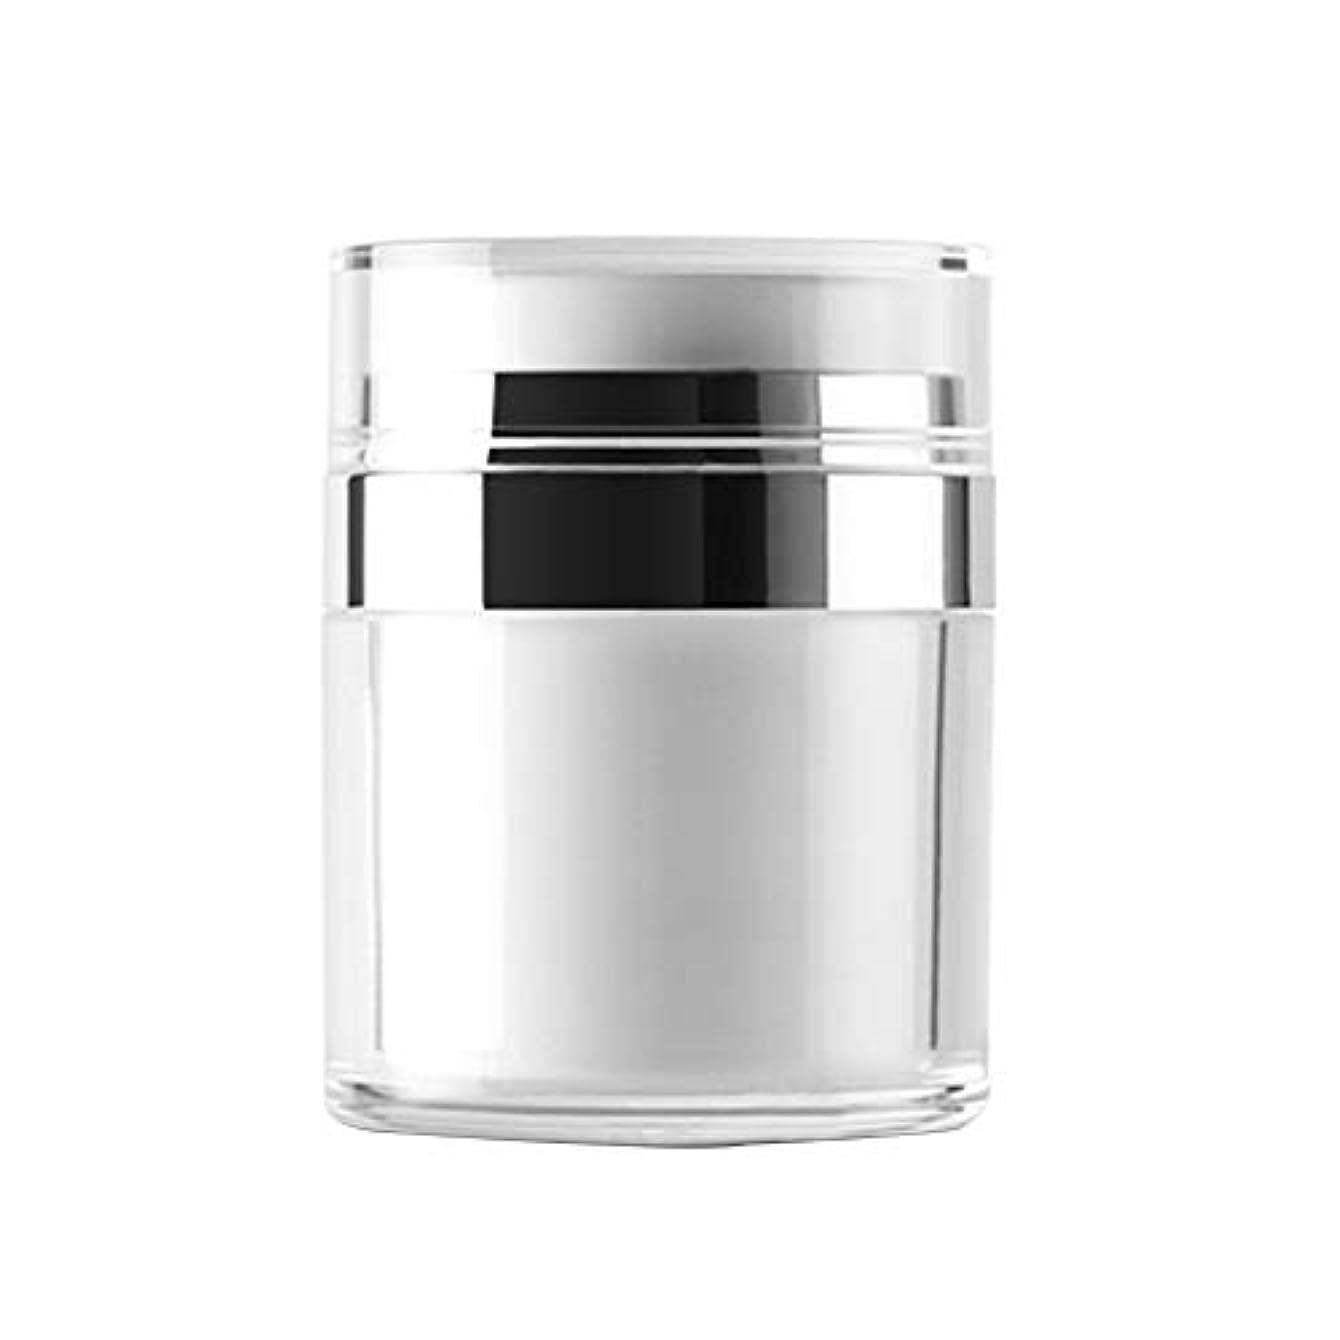 解説波口ひげVi.yo 小分け容器 トラベルボトル 真空押し式詰替用ボトル 携帯用 旅行 出張用 クリーム 軟膏 乳液など入り 30g